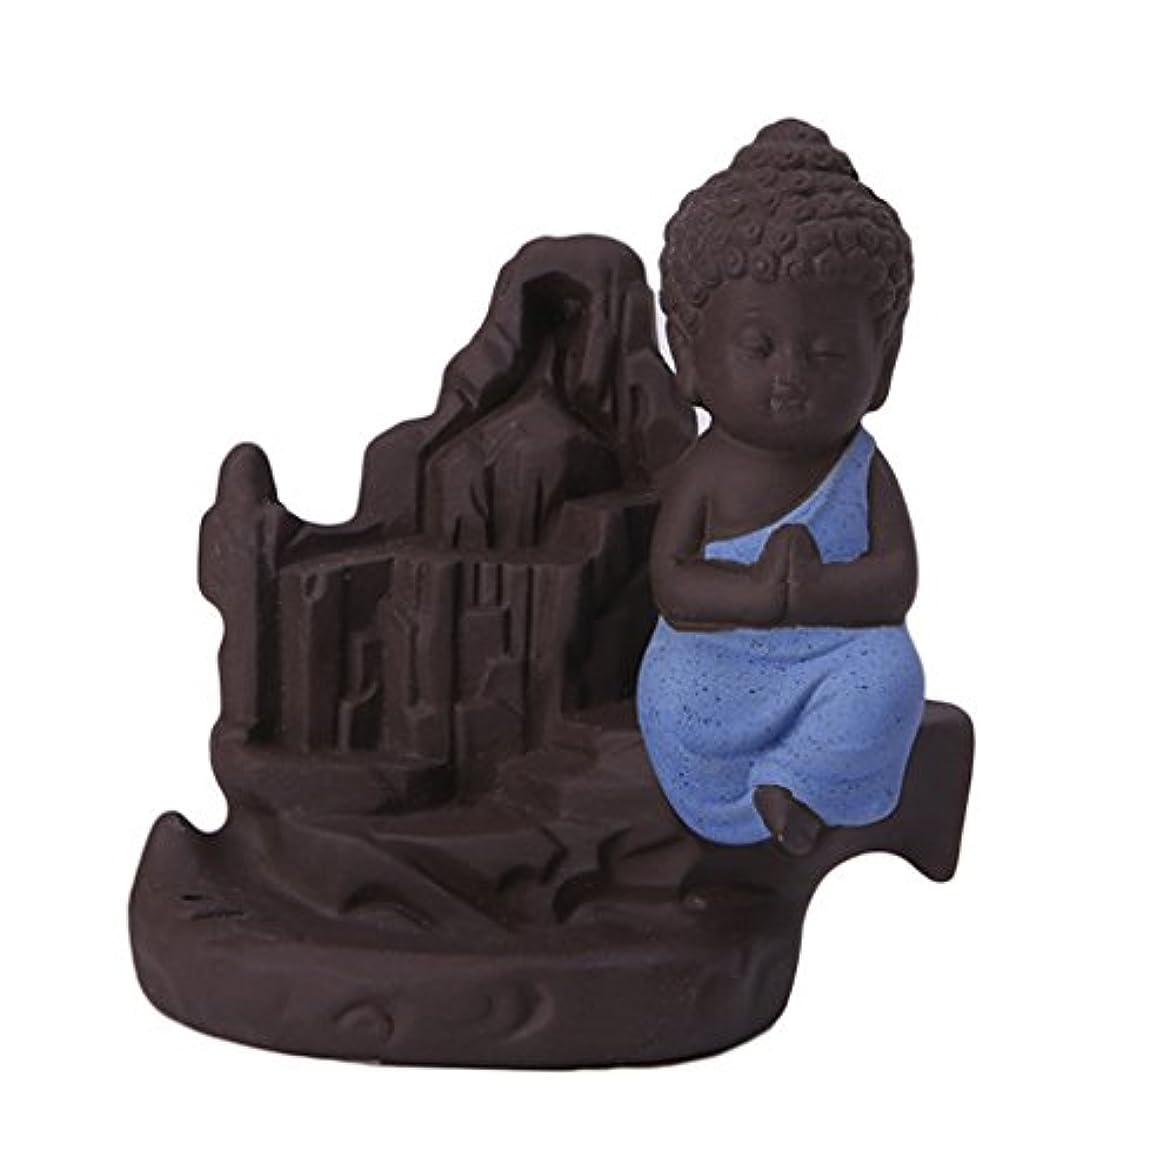 く乗ってパイセラミック 仏 逆流コーン 香炉ホルダー 香バーナー 装飾的 3色選べる - ブルー